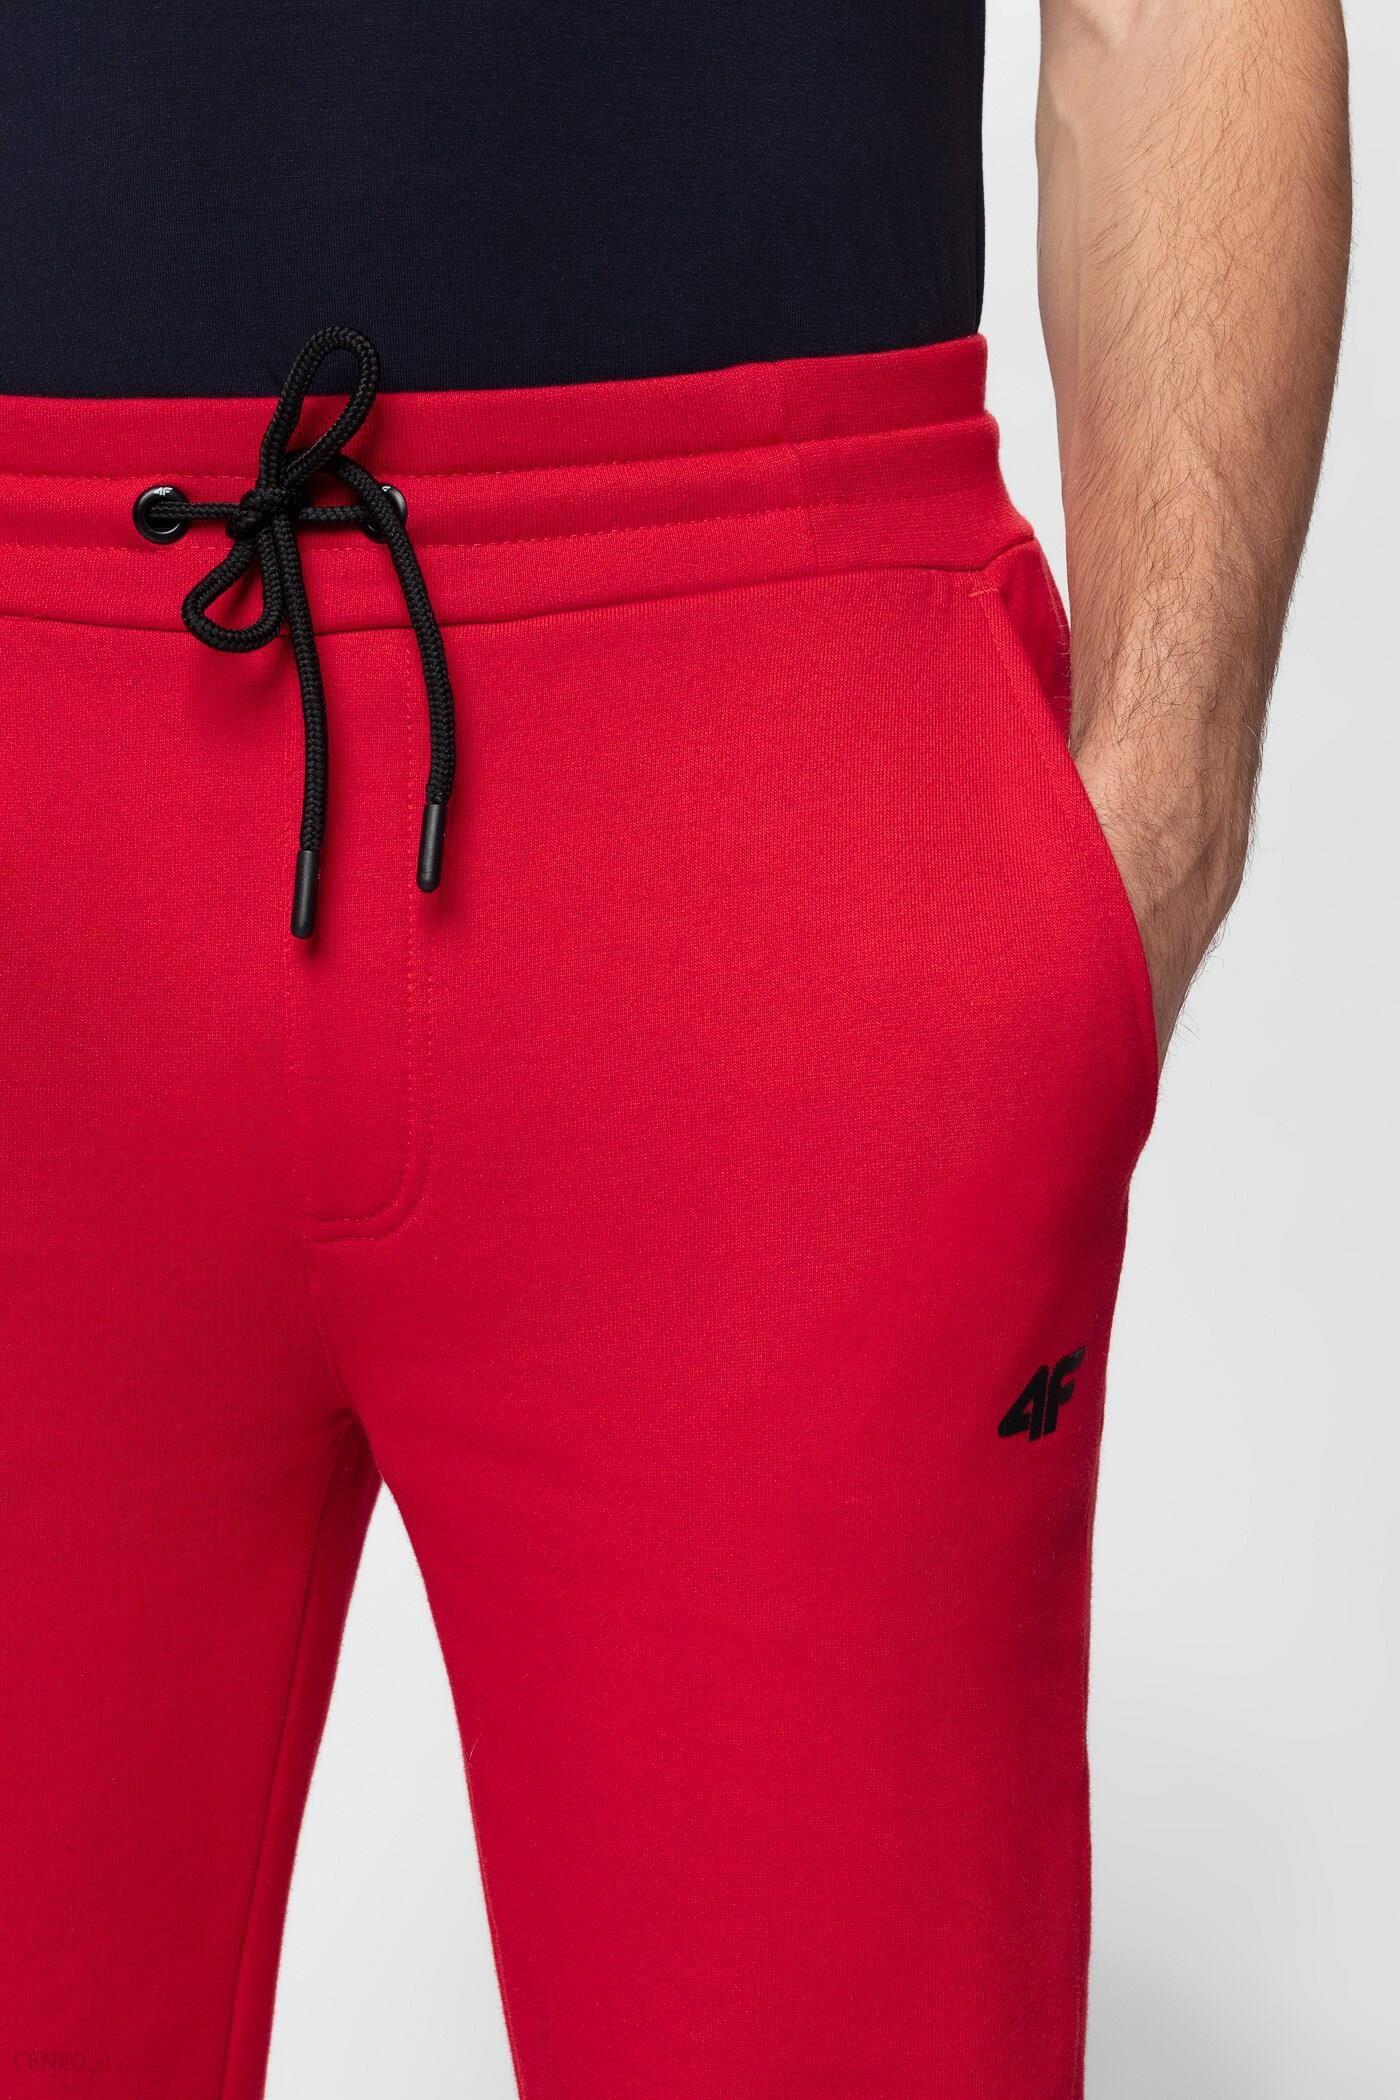 e4c85719d Spodnie dresowe męskie SPMD301 - czerwony - Ceny i opinie - Ceneo.pl